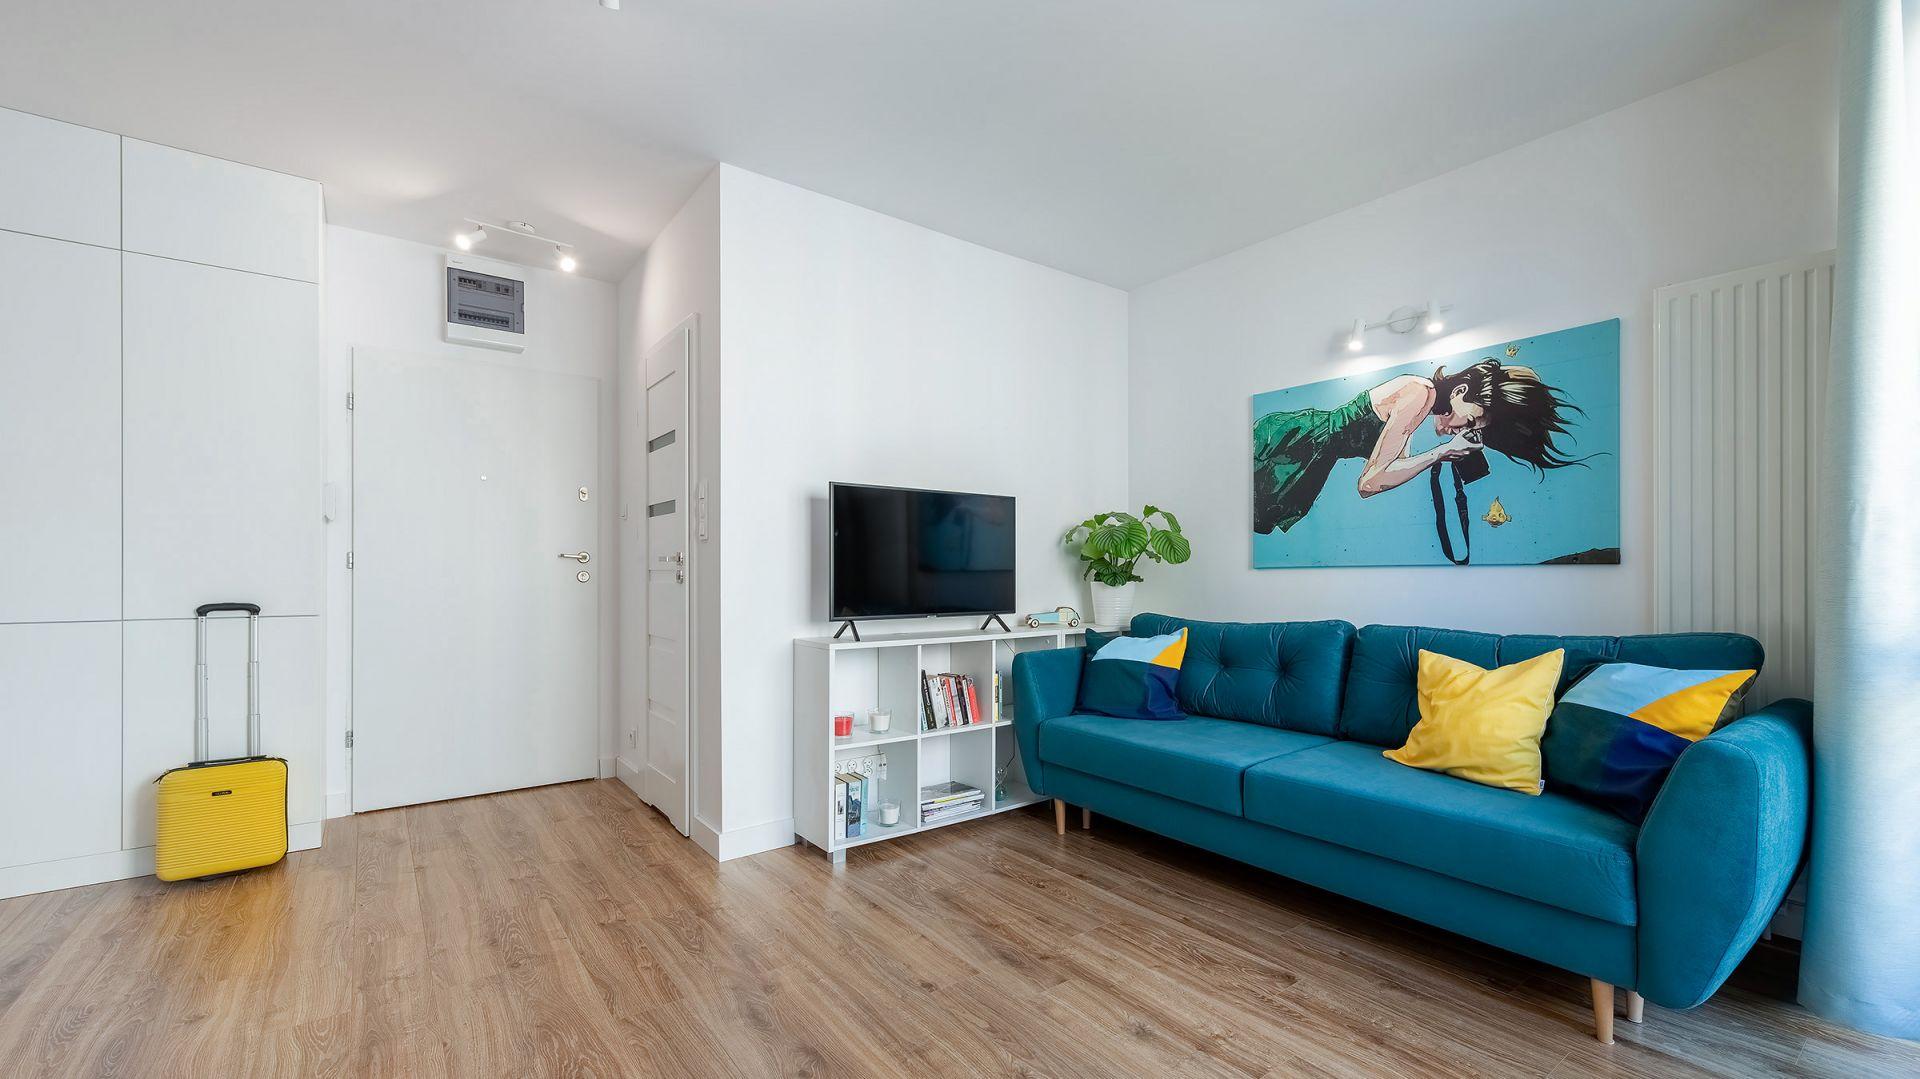 Małe mieszkanie urządzone w nowoczesnym stylu. Fot. Paweł Martyniuk